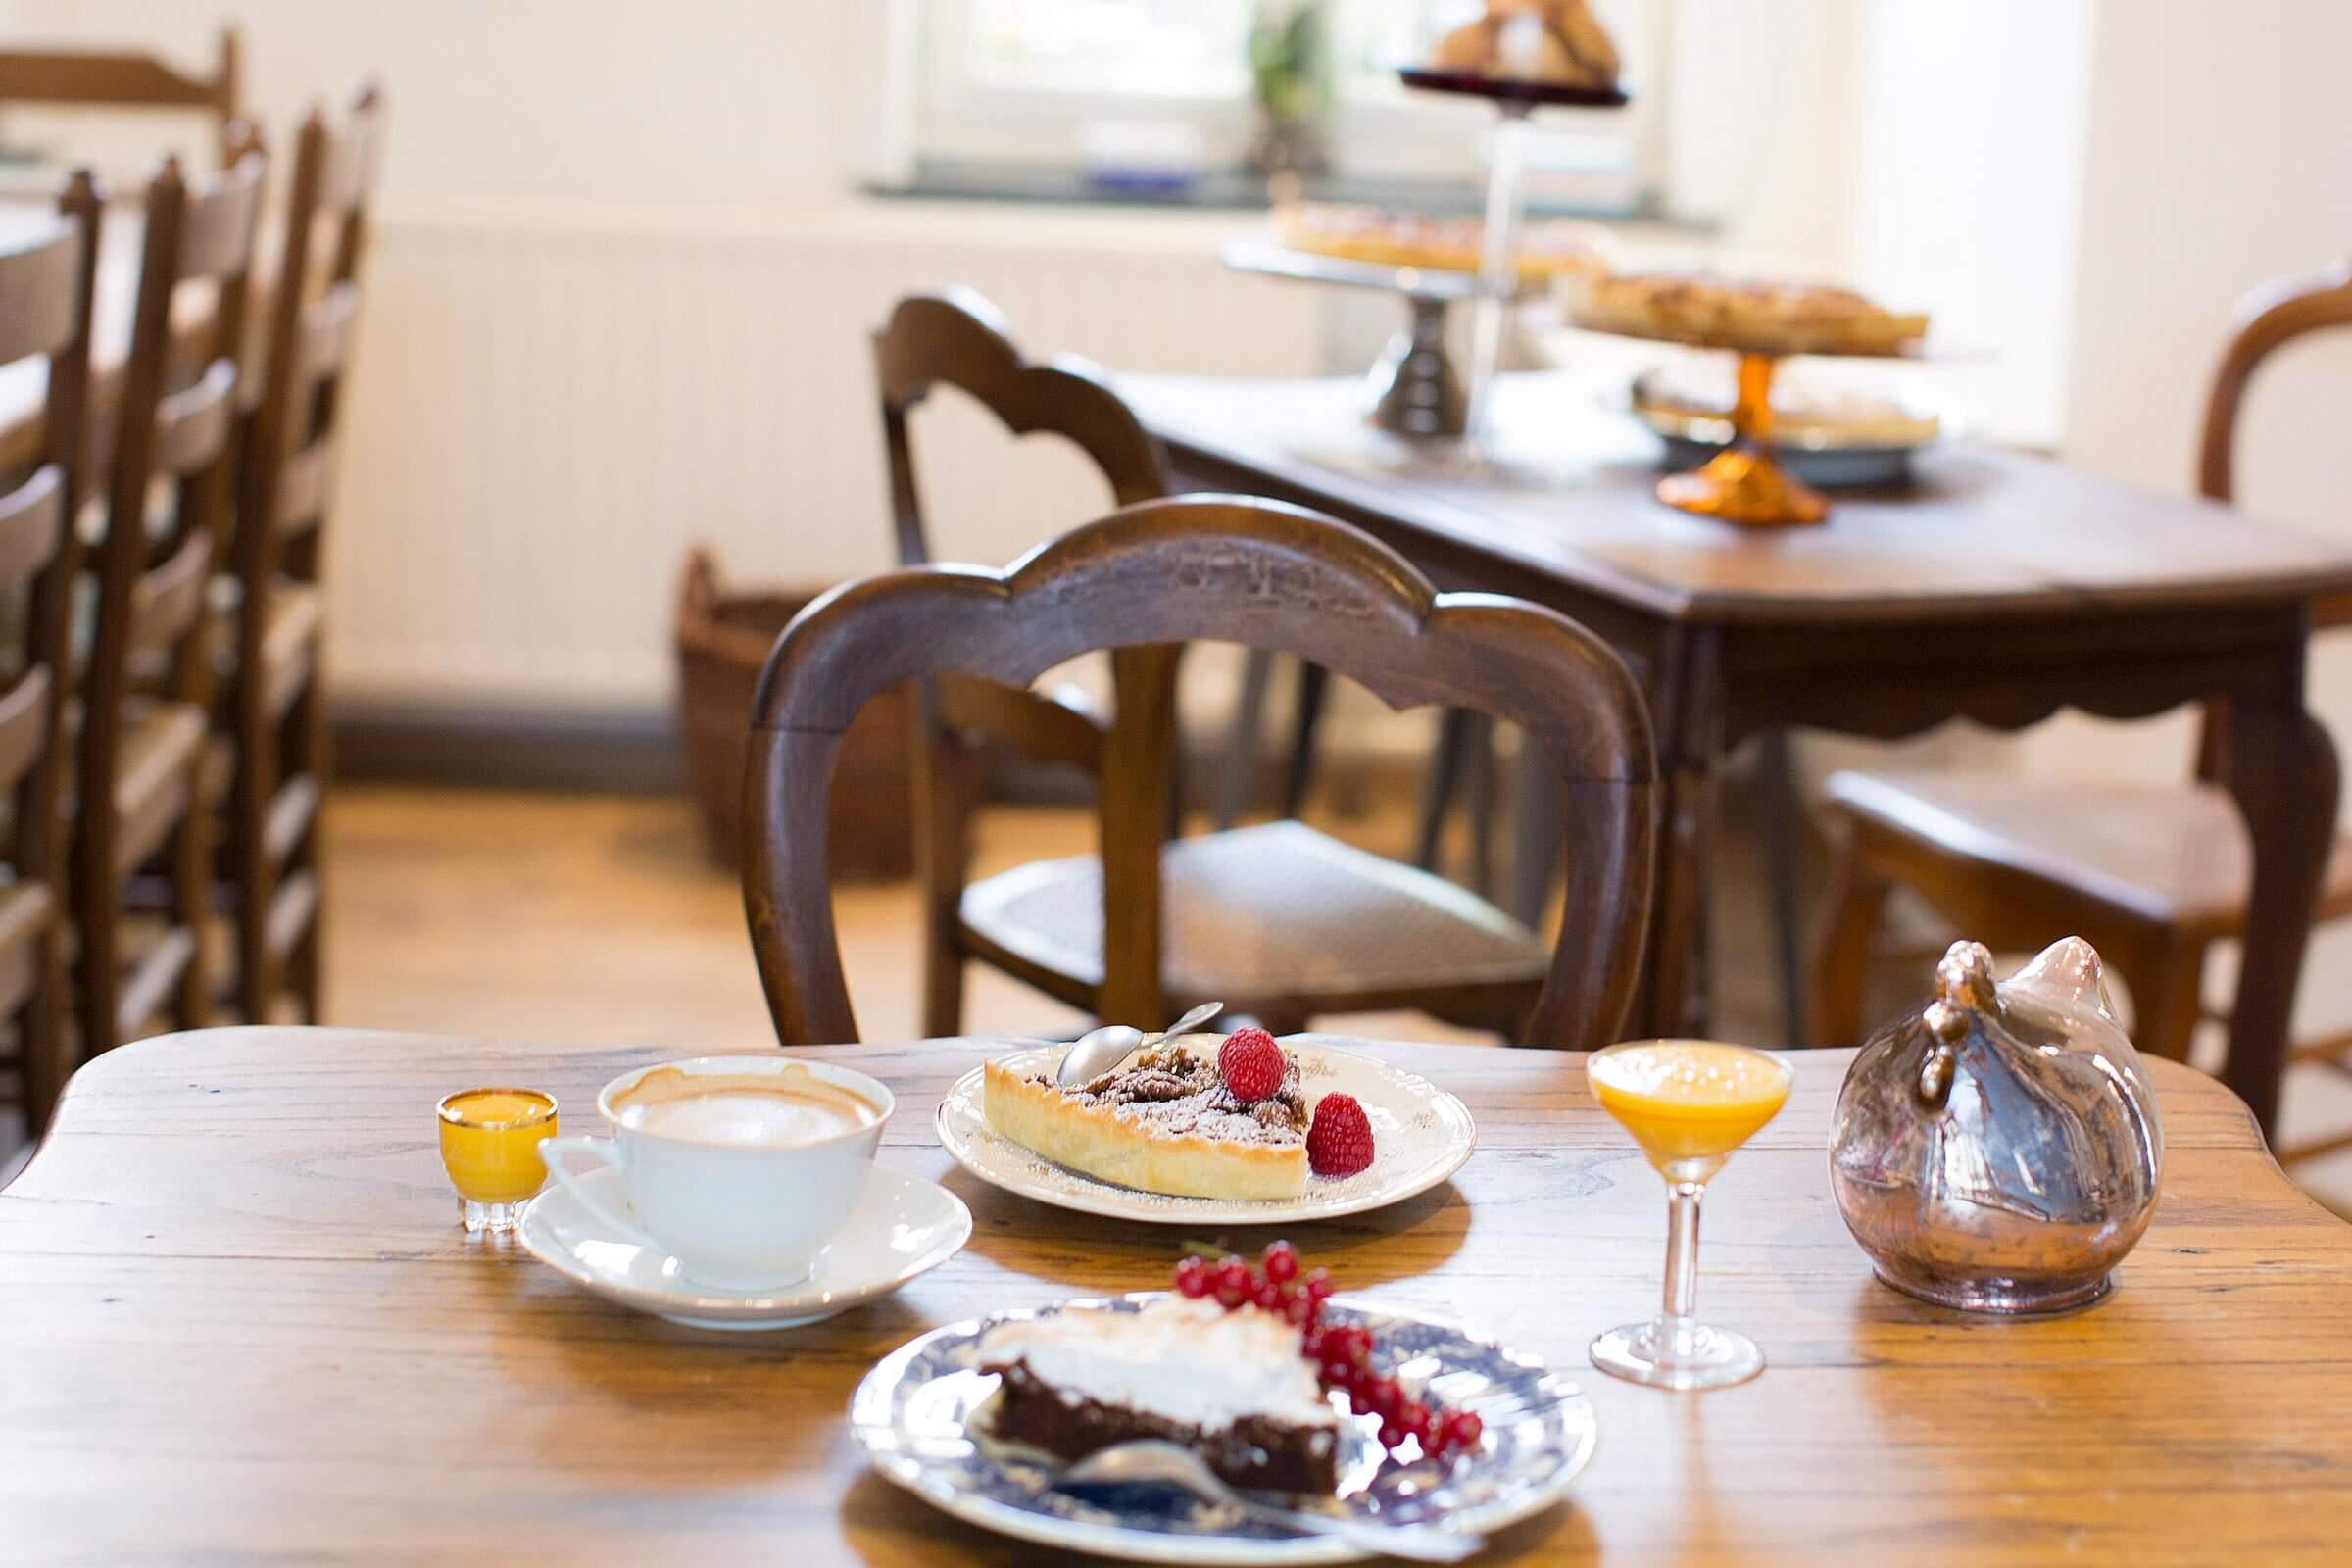 Koffiehuis Kattekwaad - Heerlijke koffie en artisanale lekkernijen in Hillegem (Herzele)